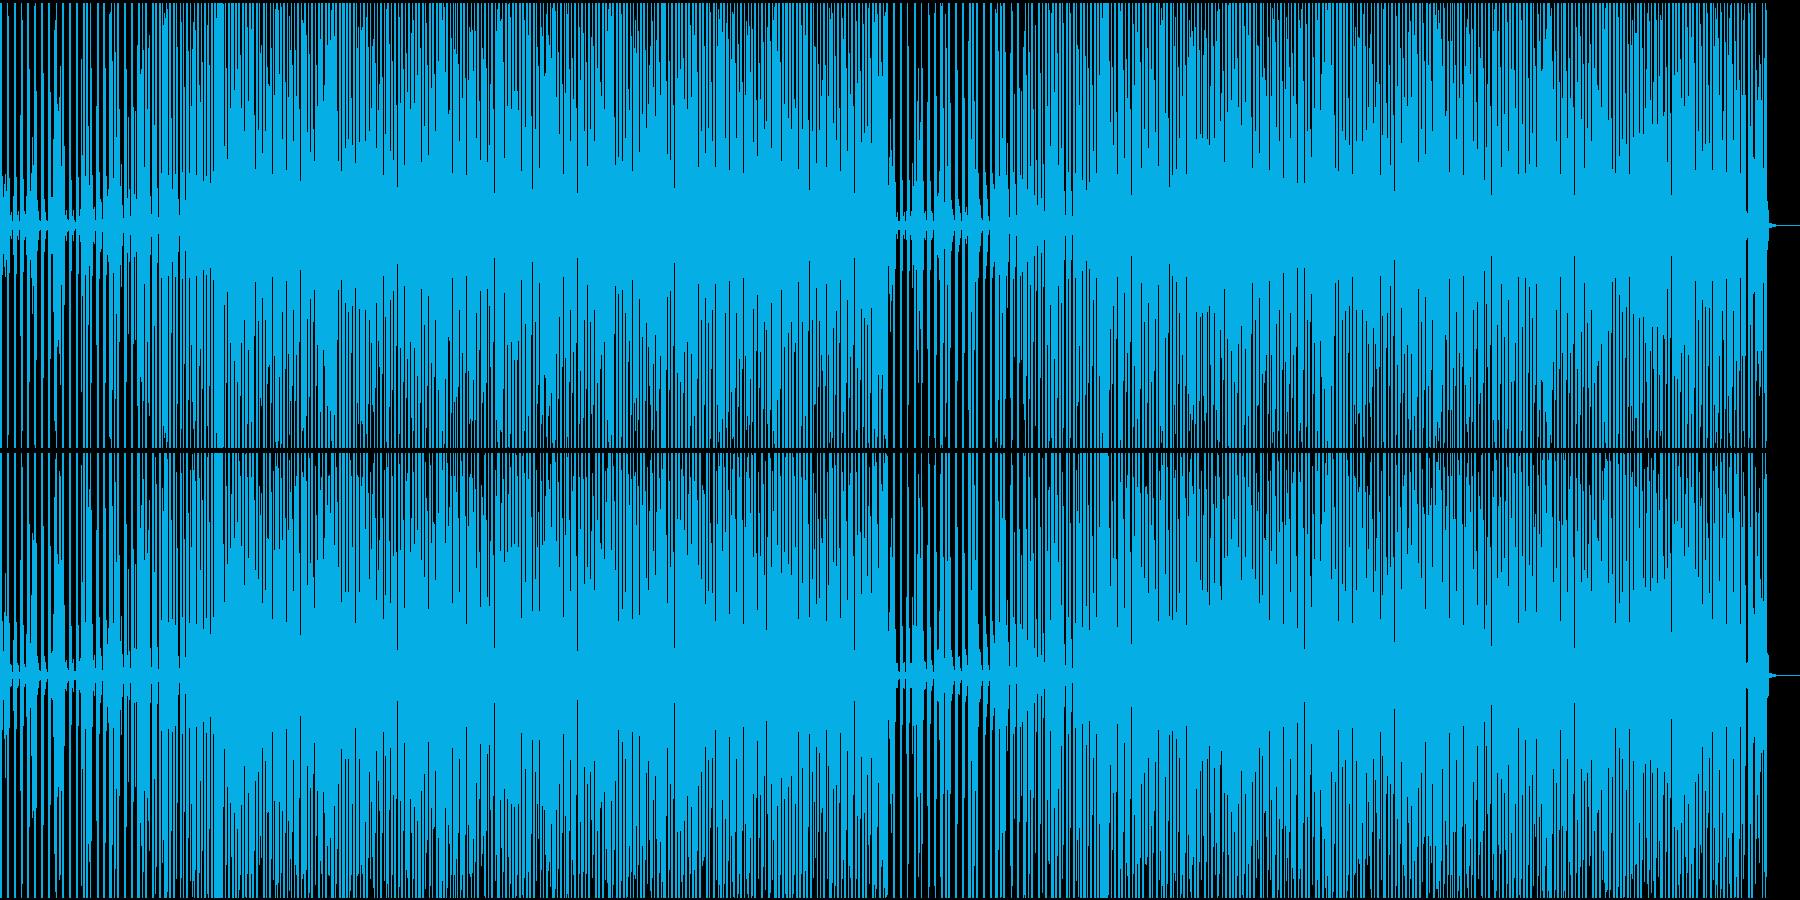 怪しく静かなハウスの再生済みの波形